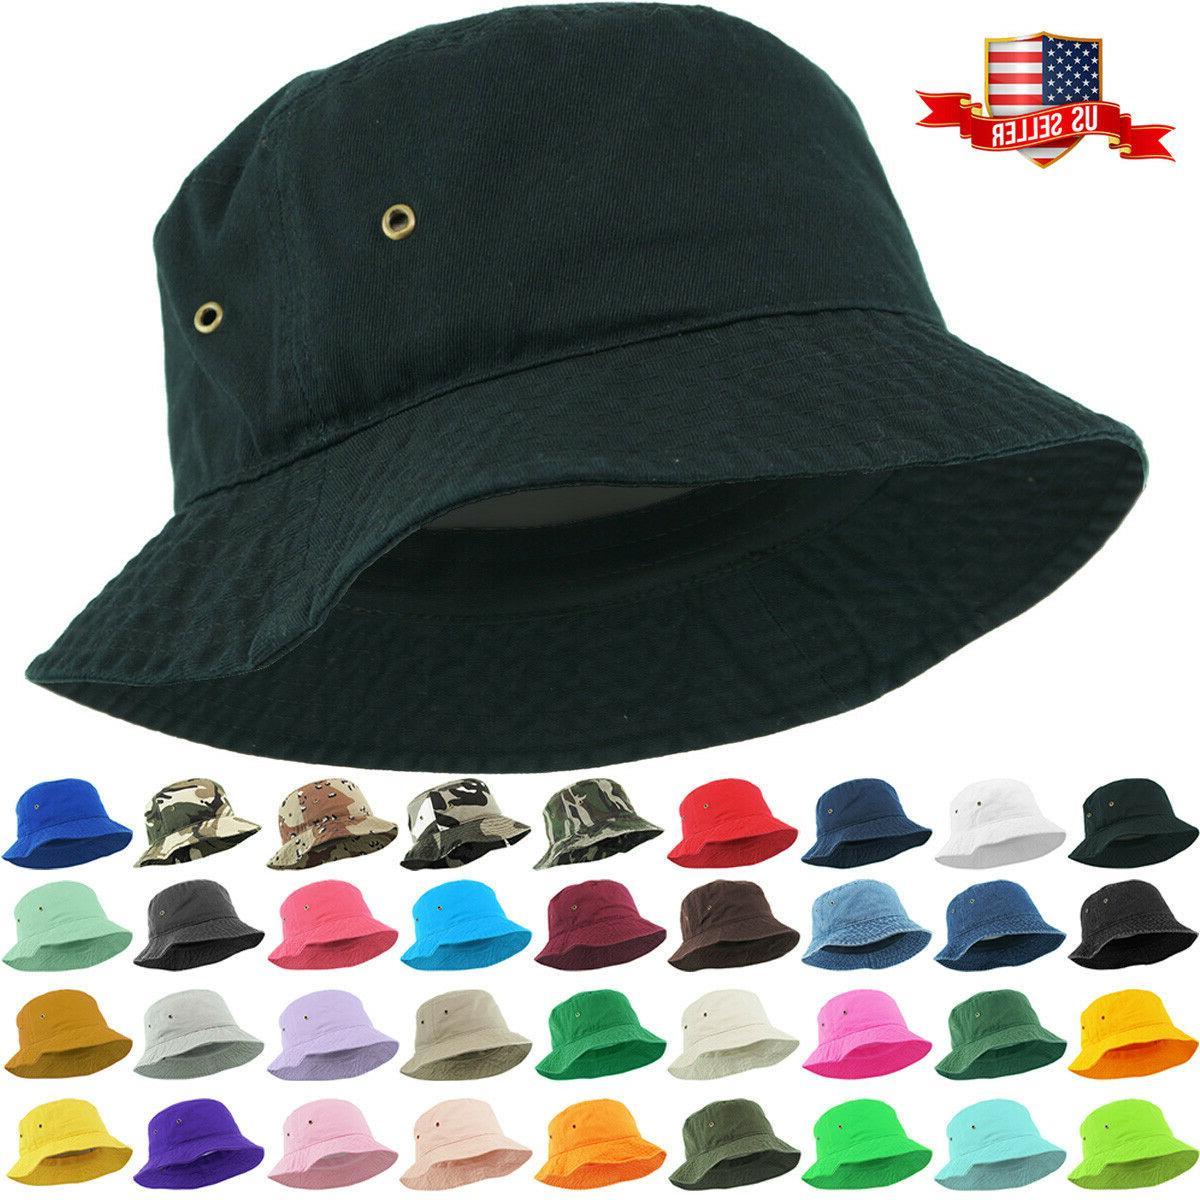 Bucket Basic Hunting Cap